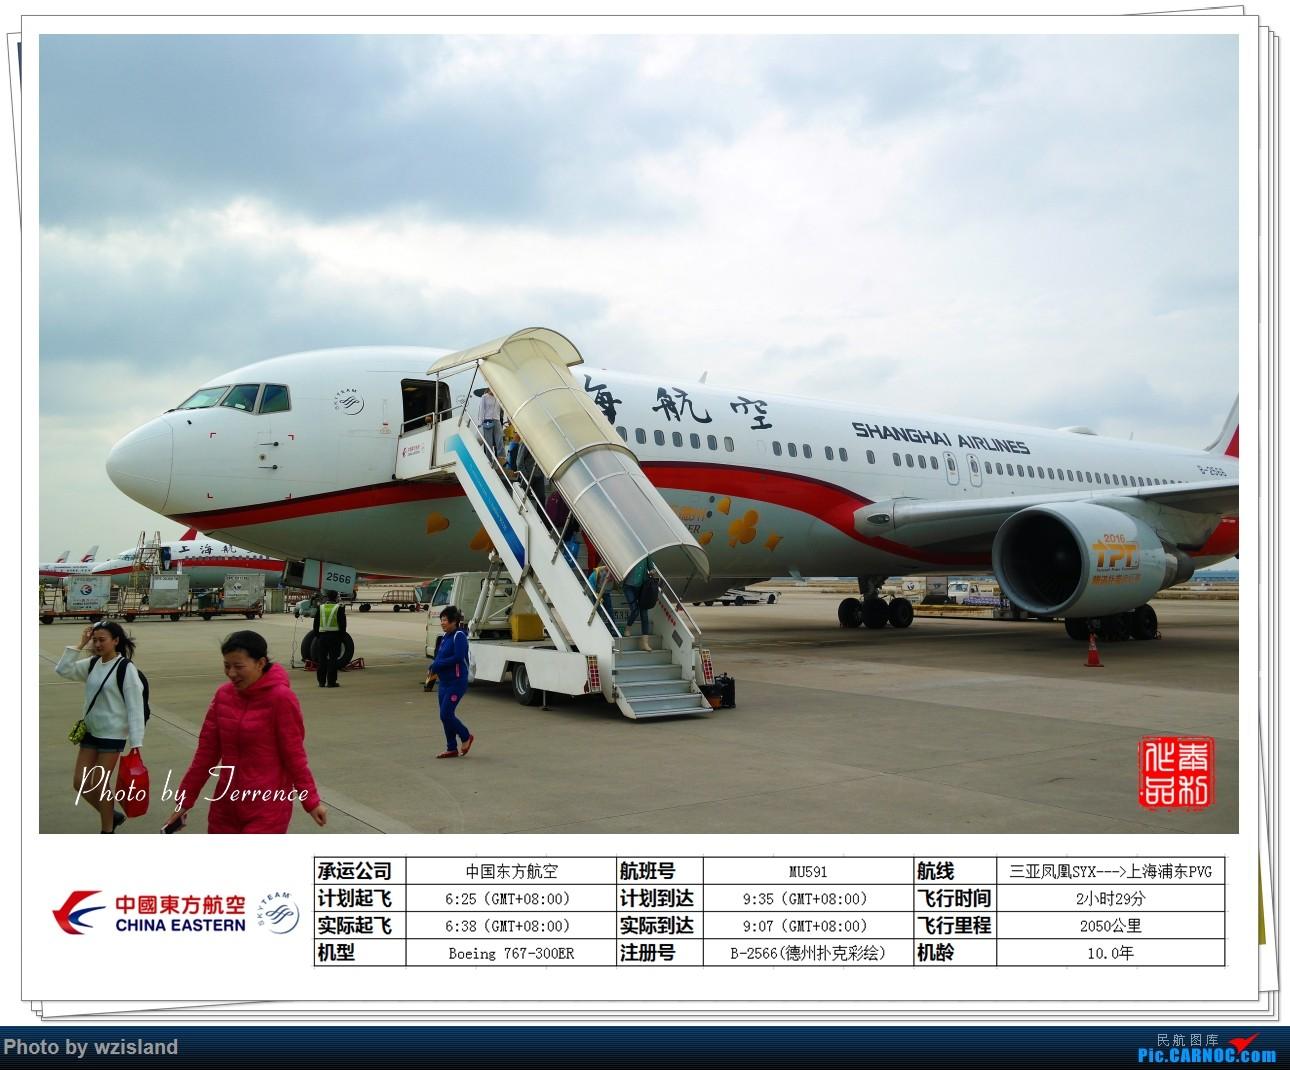 [原创]【泰利飛行記45】MU主力机型运转记:温州-三亚-浦东-福州-浦东-温州,738/763ER/321/77W/332,4天3夜折腾之旅